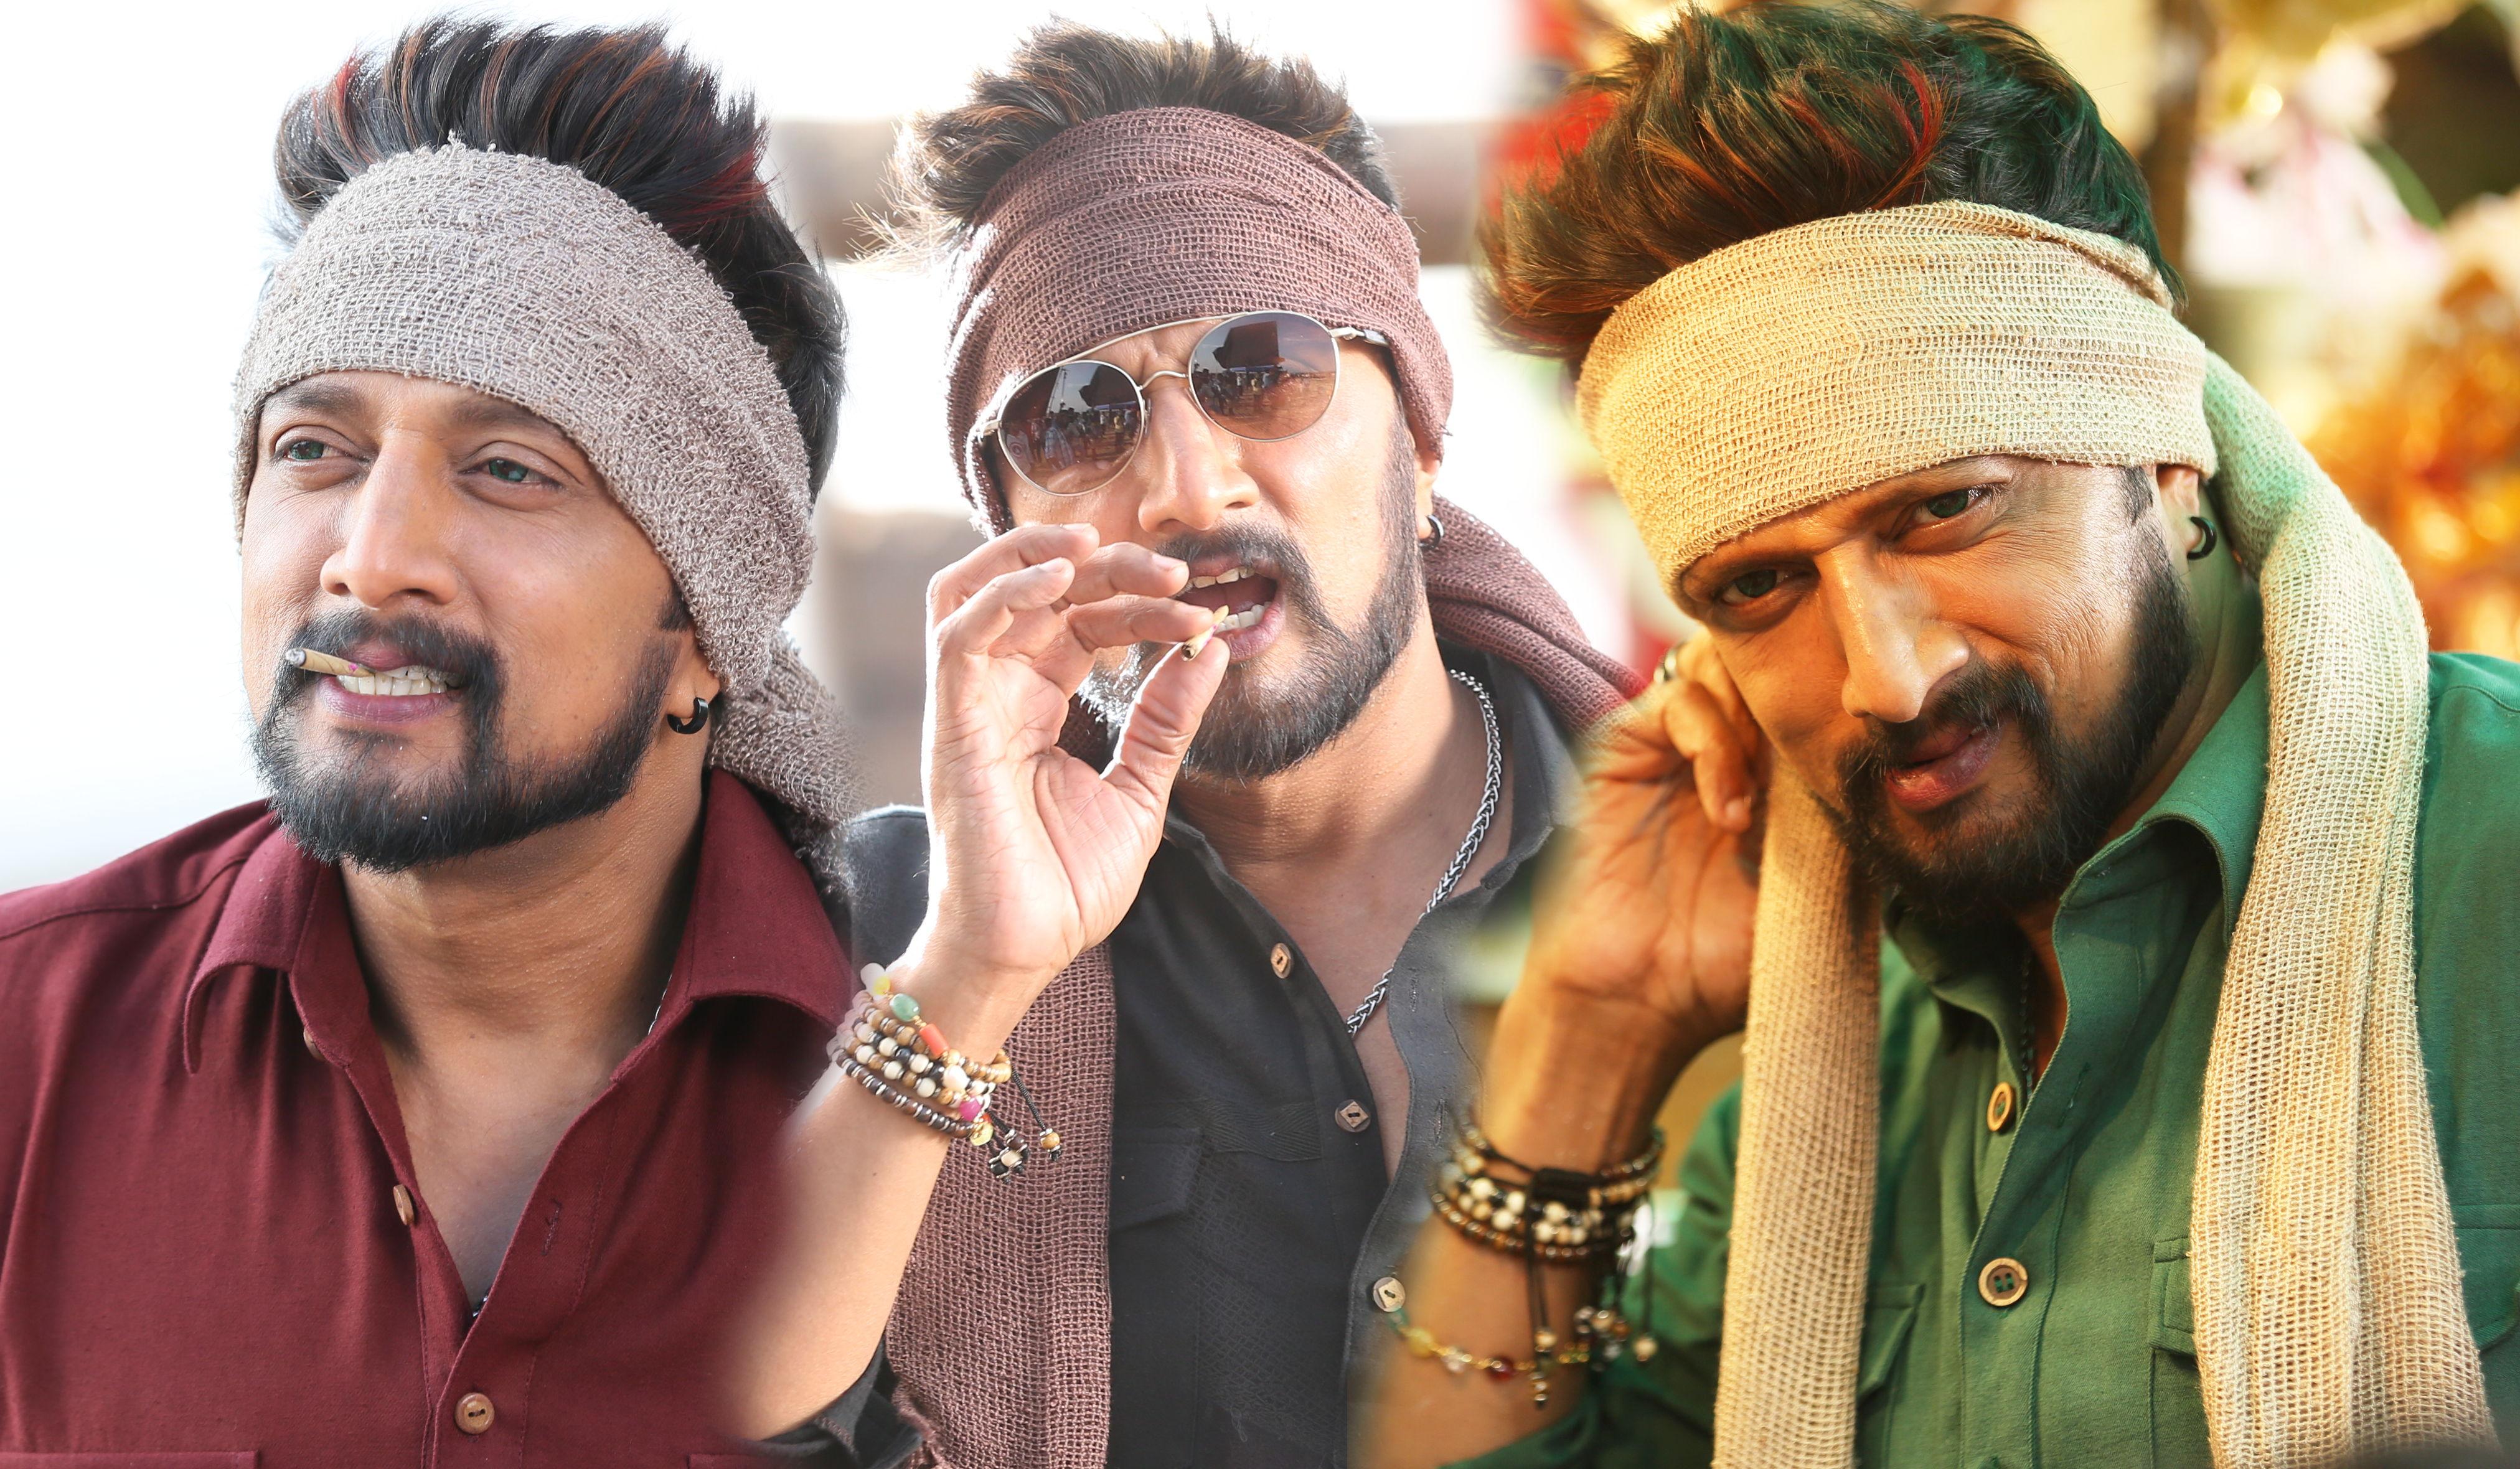 Kiccha Sudeep The Villain Movie Hd Images Photos Amy Jackson